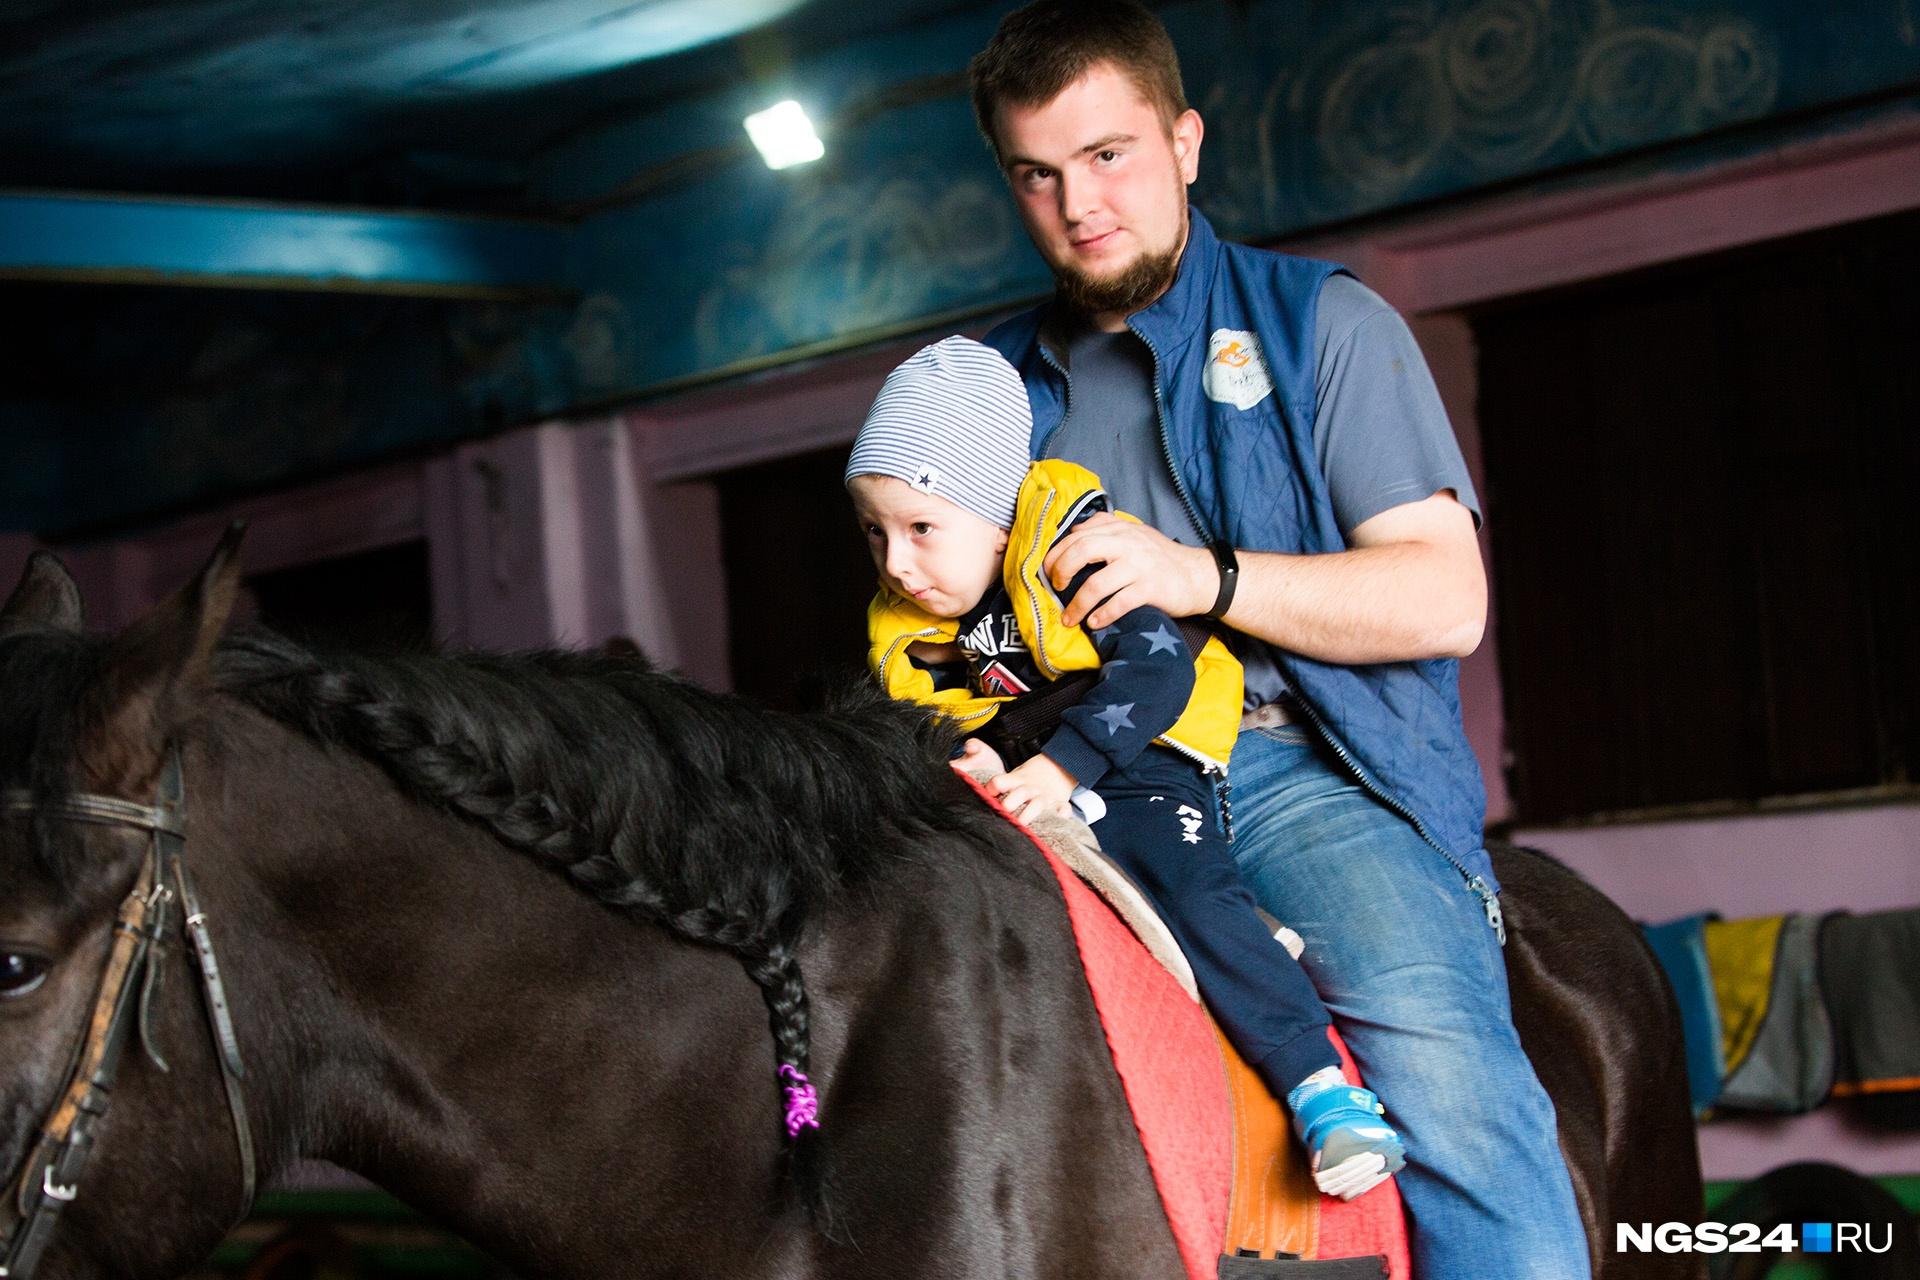 Кататься на лошади Тимоше помогают опытные инструкторы